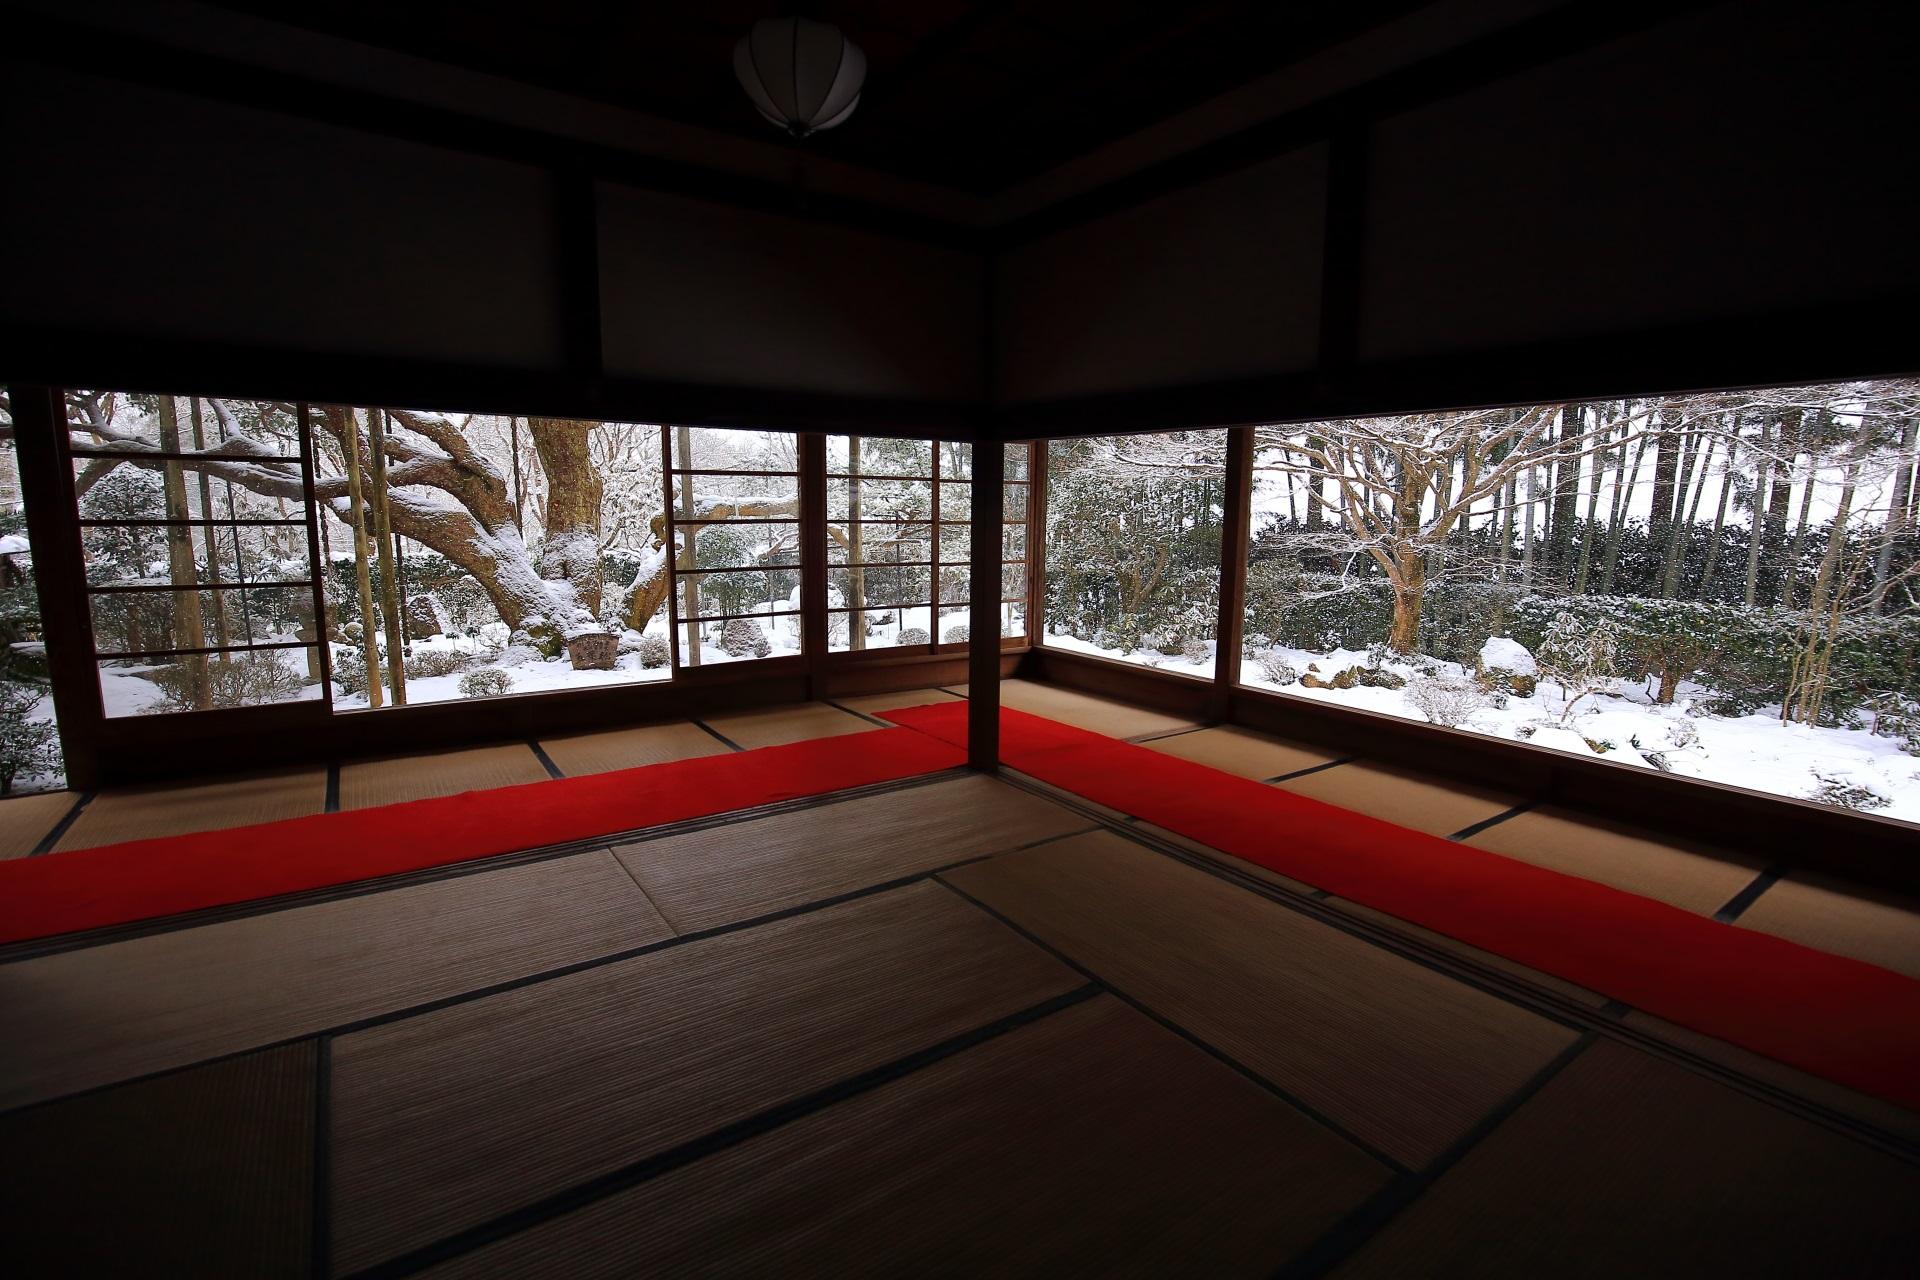 冬の大原宝泉院の素晴らしい雪景色